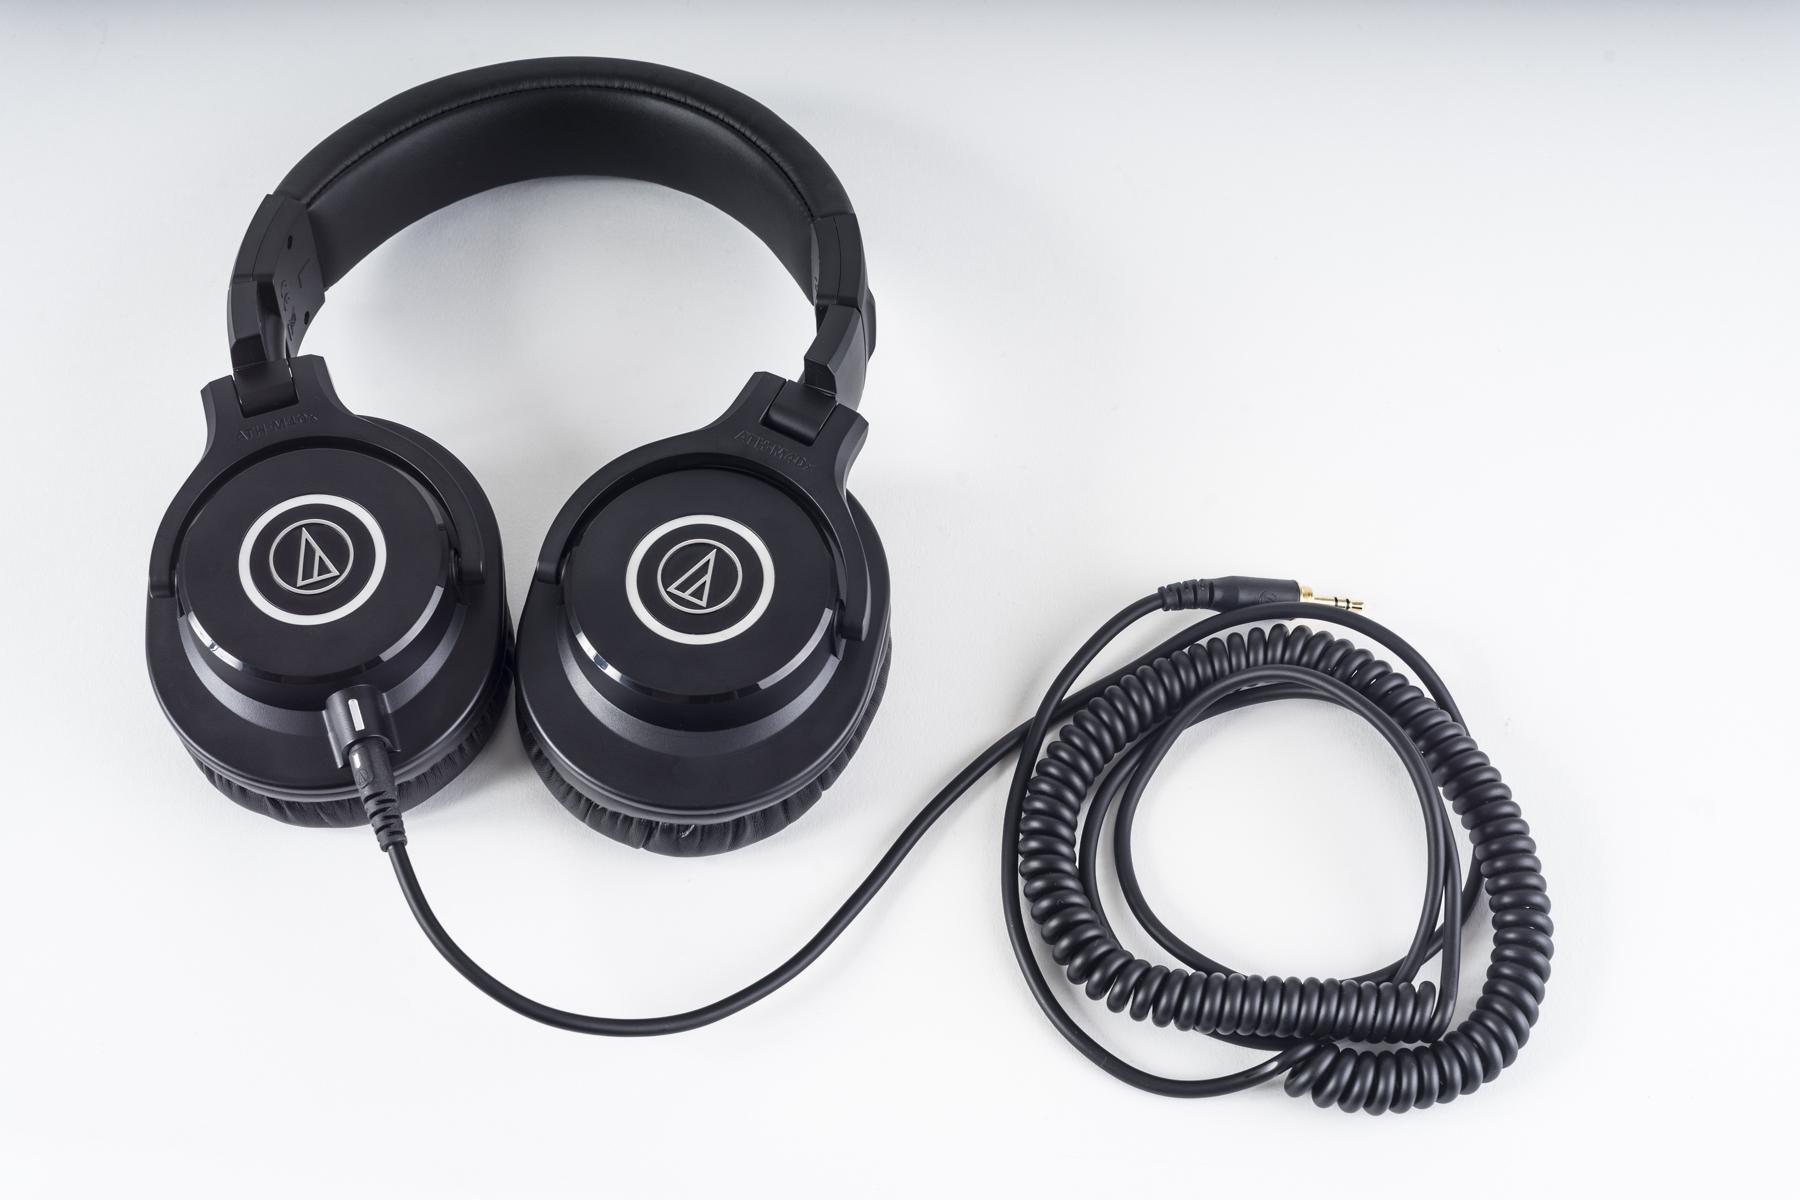 Audio-Technica AT2035-Studio, ATH-40X